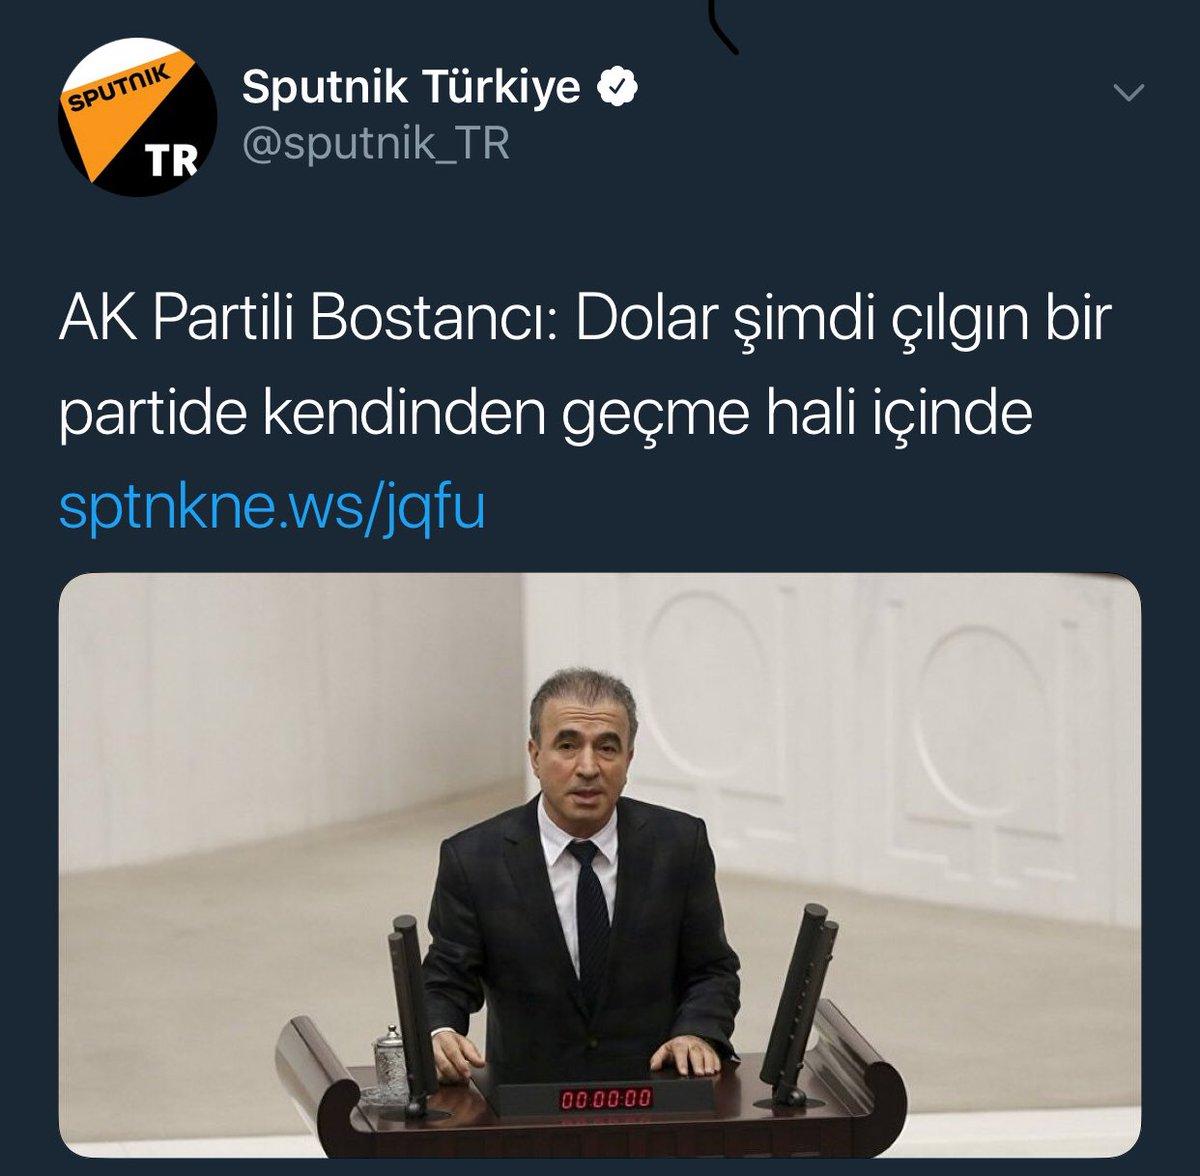 AK Partili Bostancı: Dolar şimdi çılgın bir partide kendinden geçme hali içinde 99